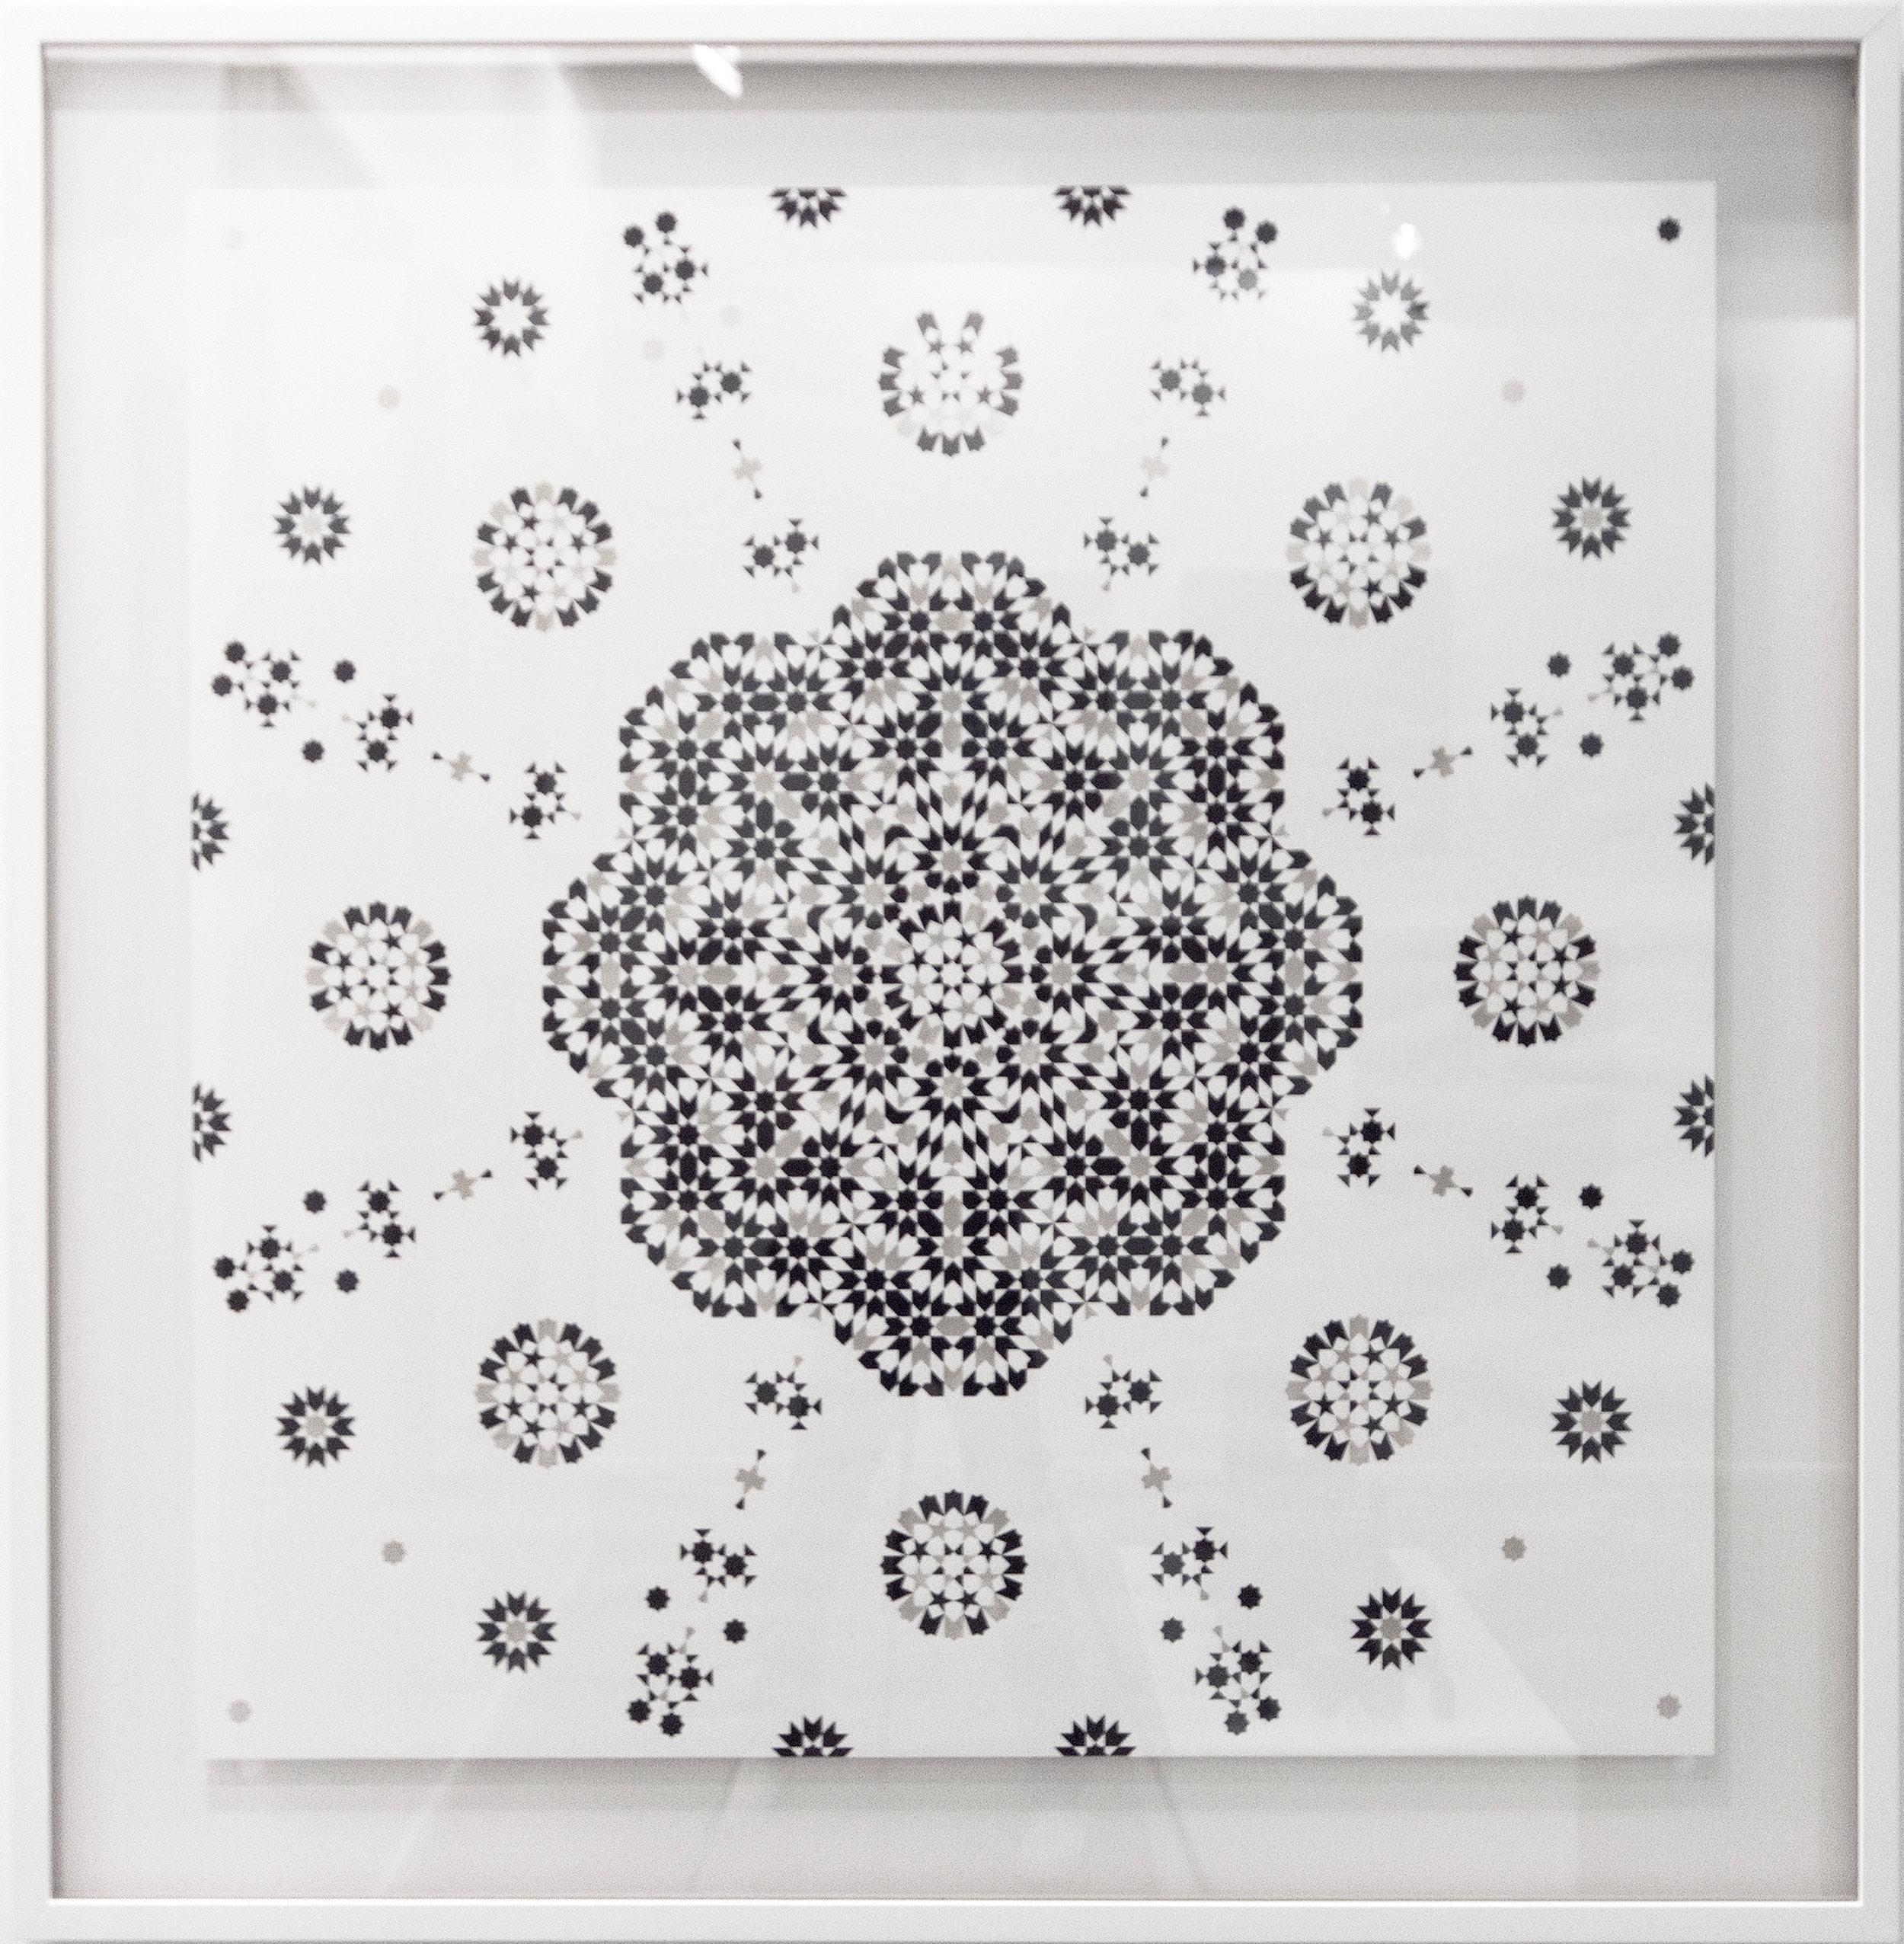 Basmah Felemban, Pre(ab)sense from the Sama Dance series, 2014, 125 x 125 cm, UV digital print_HR   copy.jpg